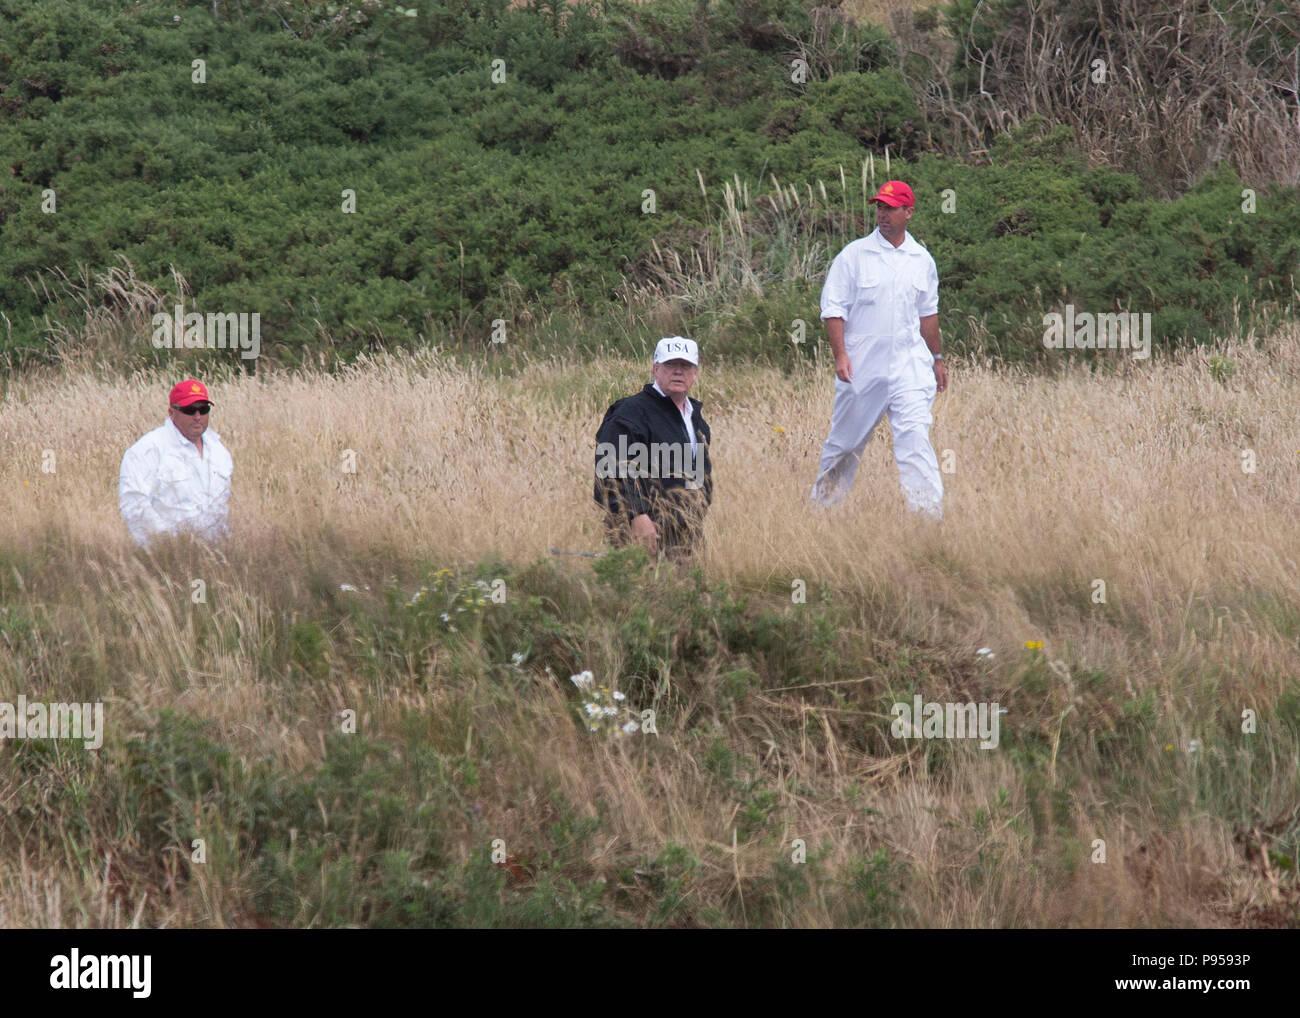 Le président l'atout de Donald Trump à Turnberry Golf resort de l'Ayrshire, Scotland, UK Photo Stock